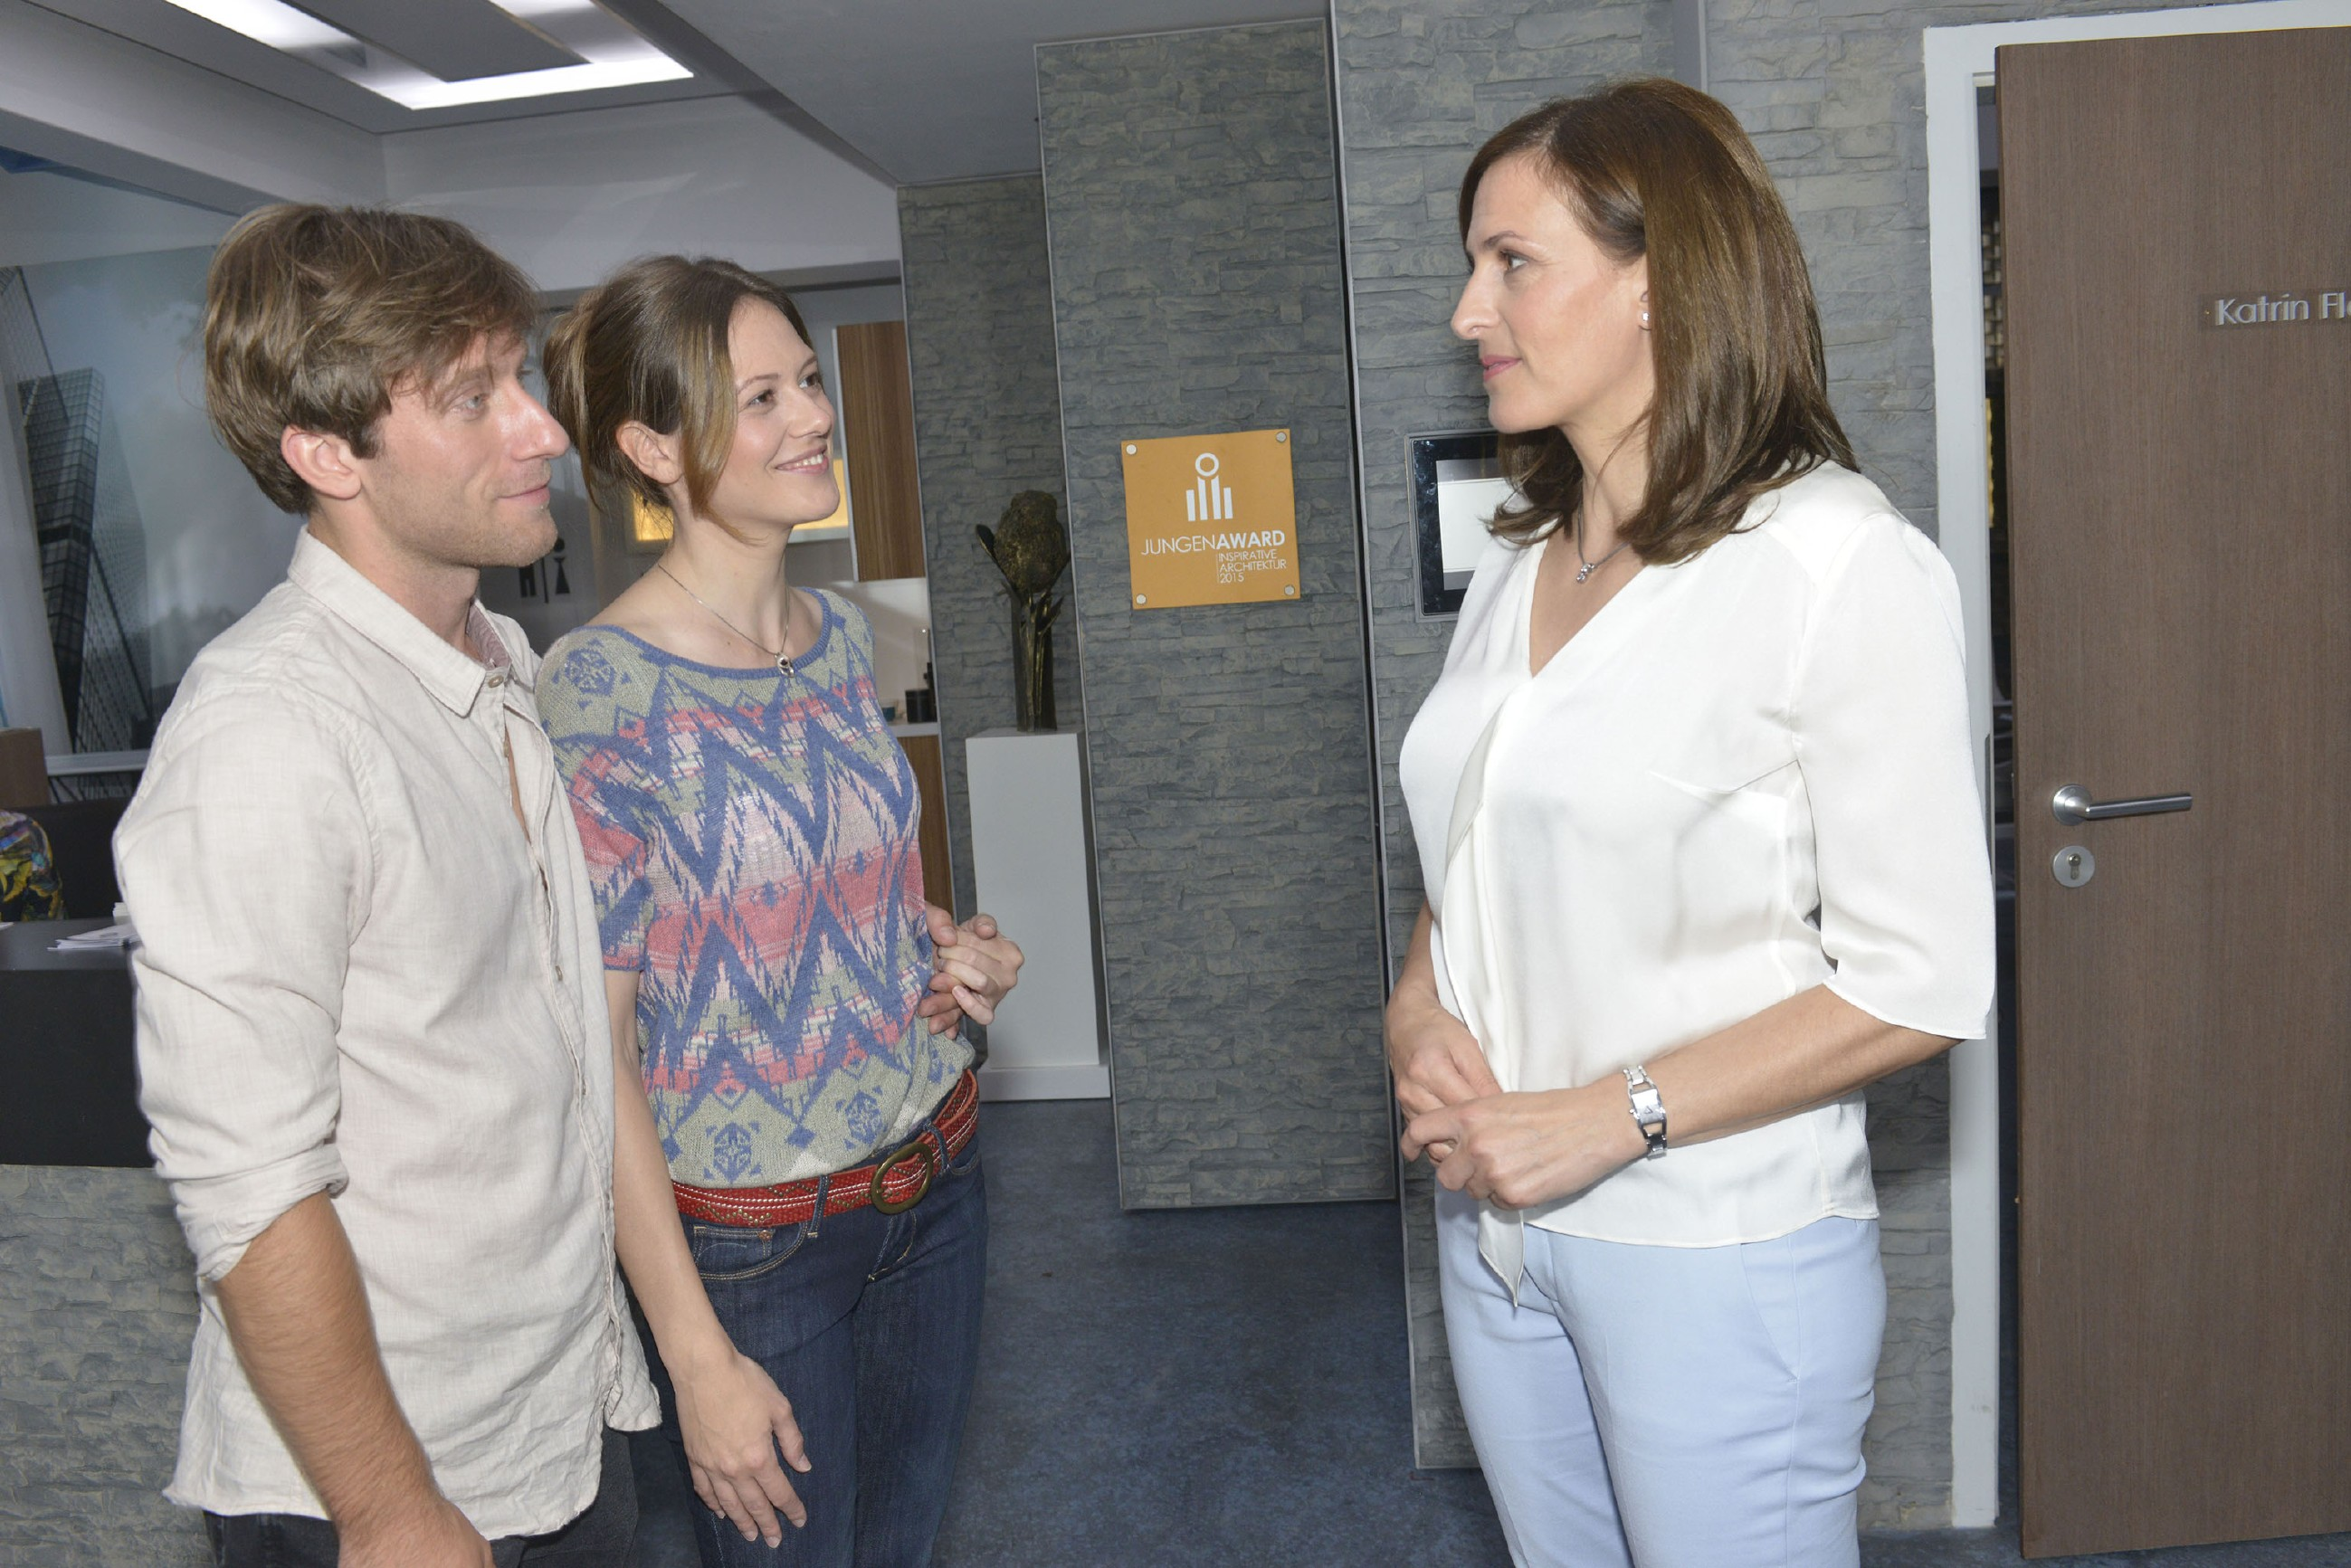 Katrin (Ulrike Frank, r.) versetzt es einen Stich, als Bommel (Merlin Leonhardt) ihr seine neue Freundin Sarah (Katja Sieder) vorstellt.